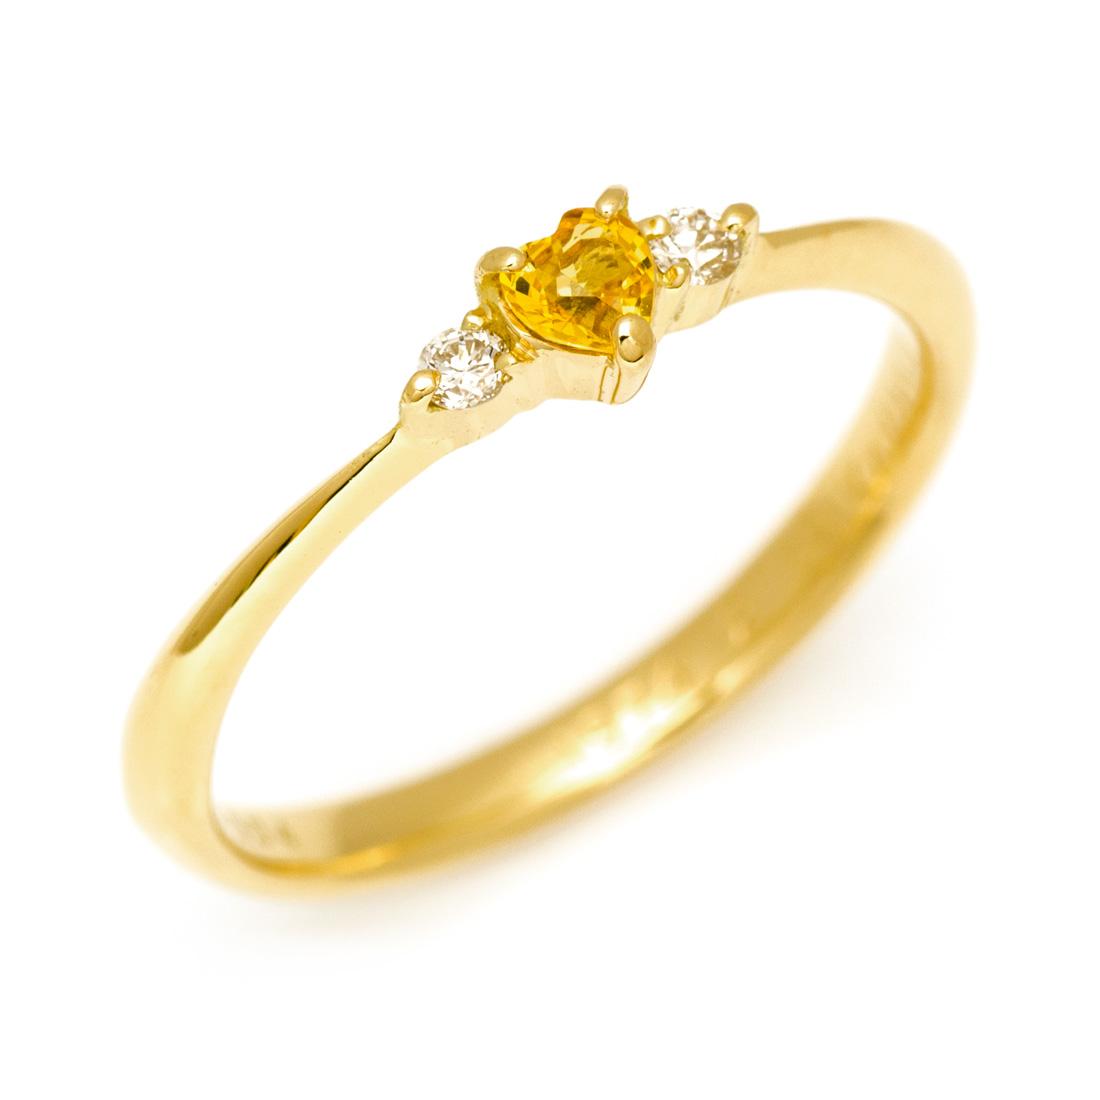 【GWクーポン配布中】K18 カラーサファイア ダイヤモンド ハート リング 「finezza」送料無料 指輪 ゴールド 18K 18金 サファイヤ ダイアモンド 誕生日 9月誕生石 刻印 文字入れ メッセージ ギフト 贈り物 ピンキーリング対応可能